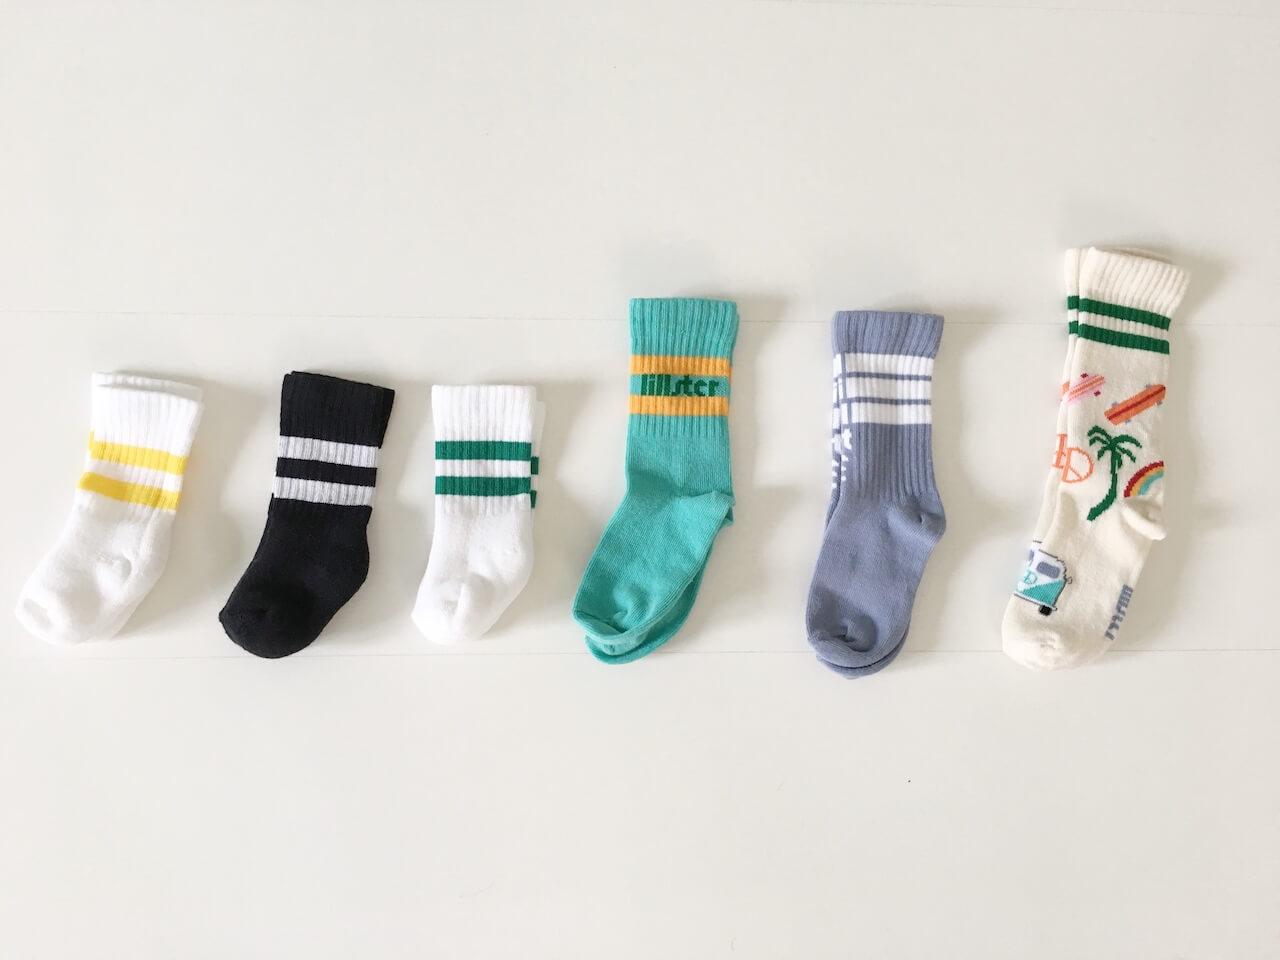 sokken 3 - 5x leuke sokken voor kinderen én volwassenen